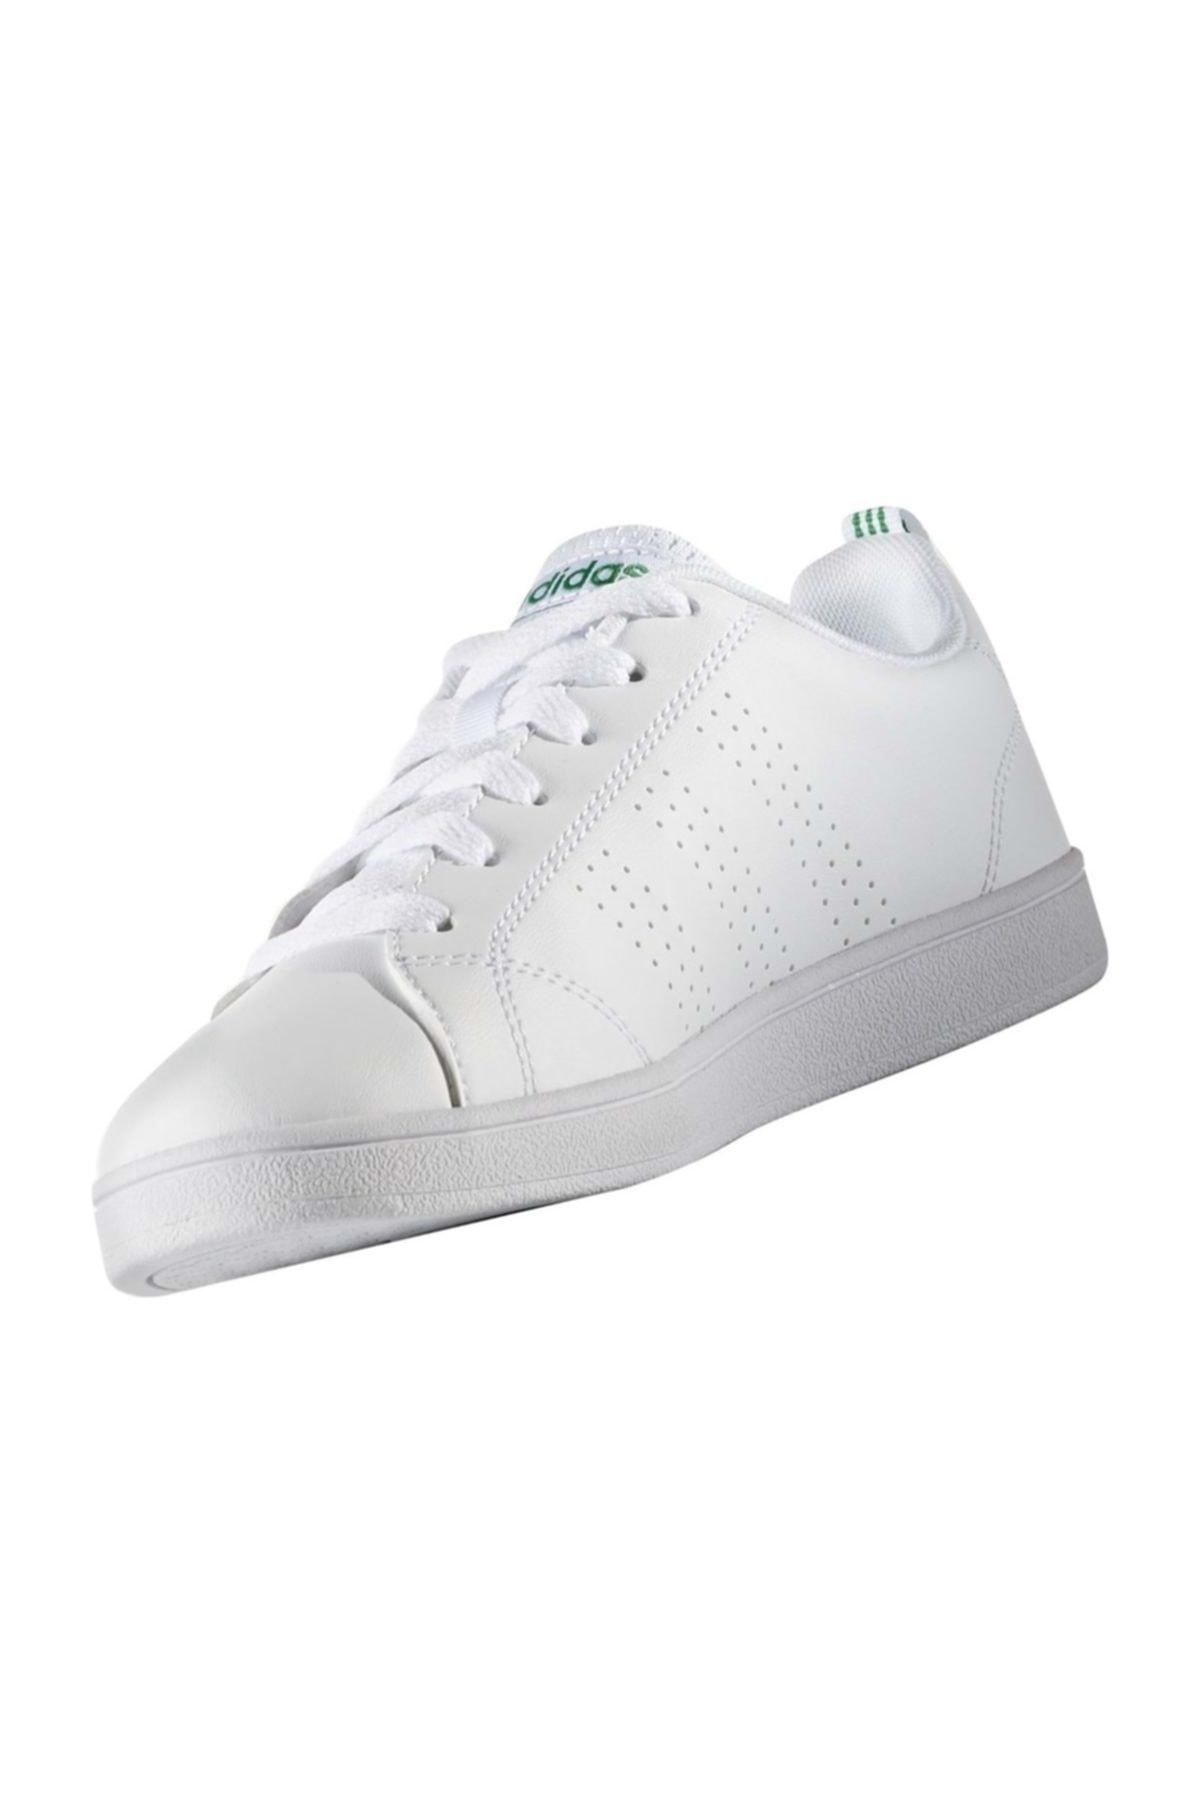 adidas Vs Advantage Cl K Kadın Spor Ayakkabı Beyaz 2